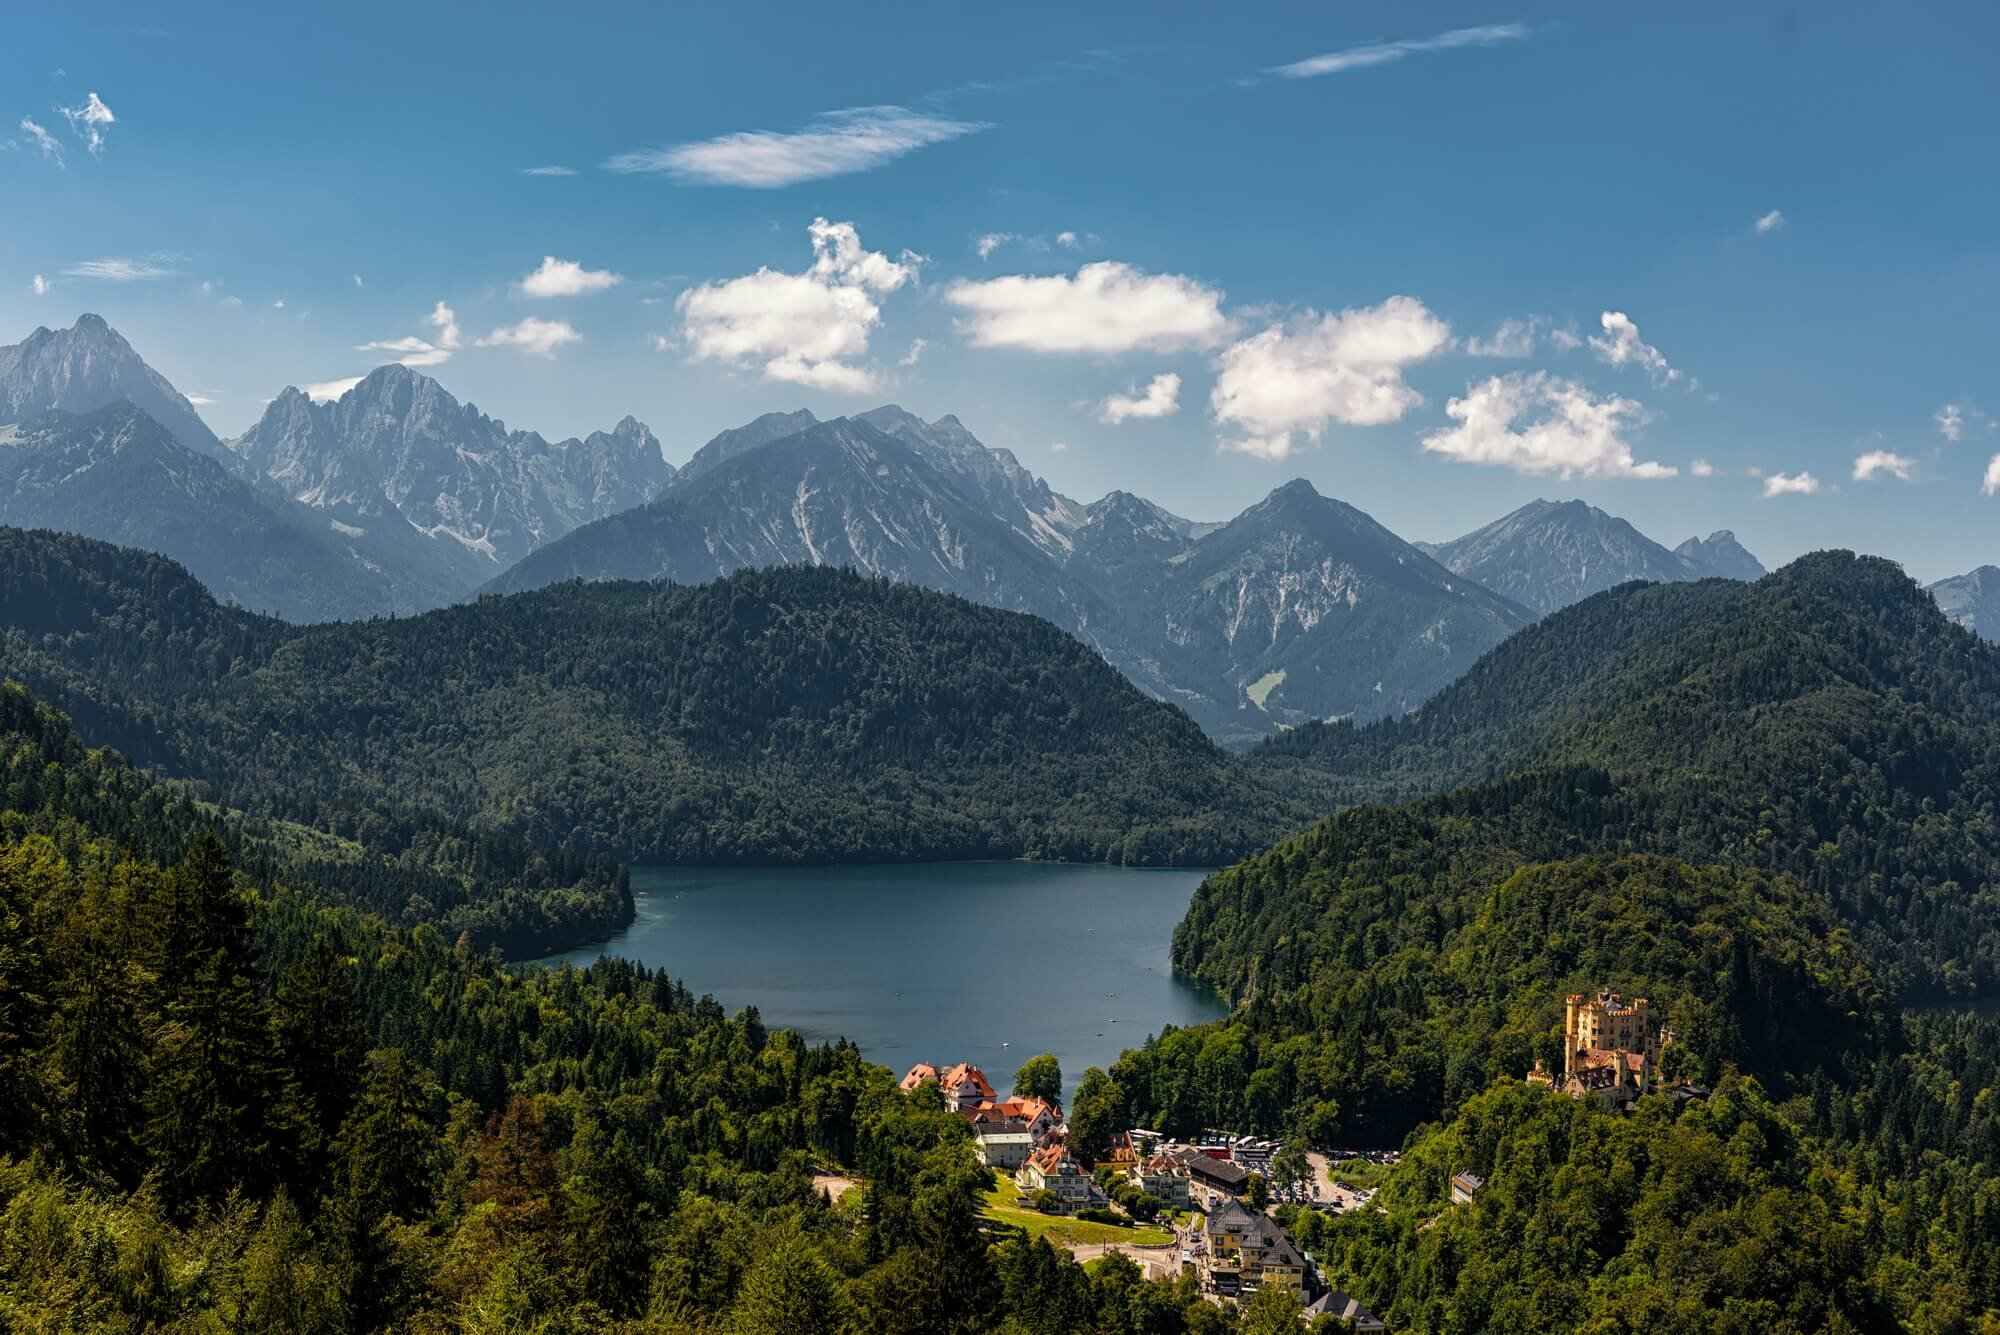 אלפזה, גרמניה - Alpsee, Germany